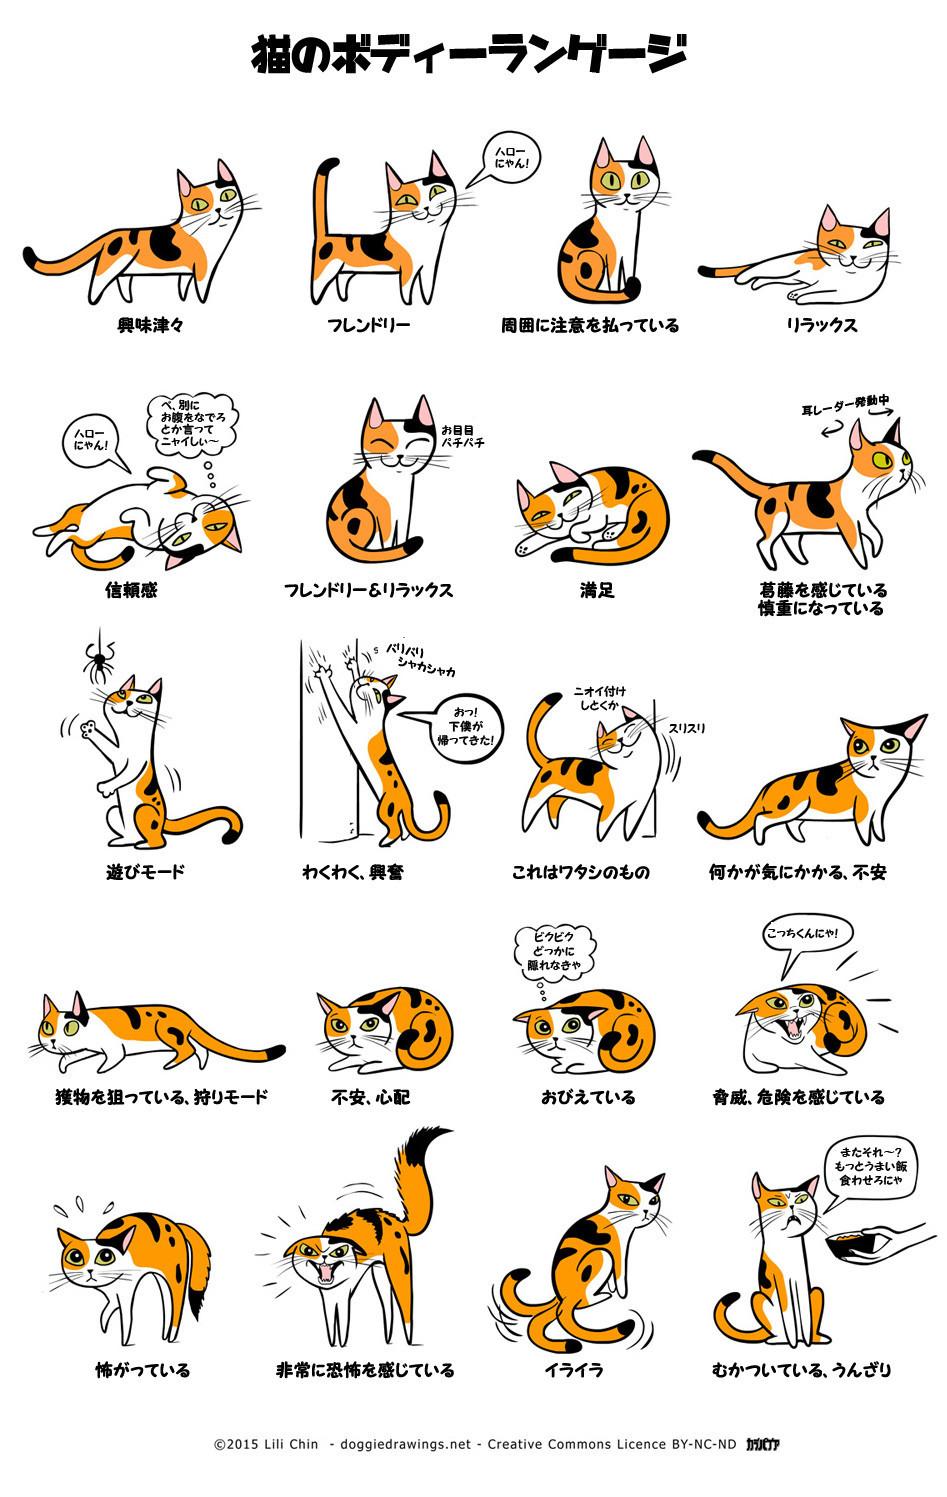 なるほどこれはわかりやすい。犬と猫の仕草から学ぶ、図解 ...